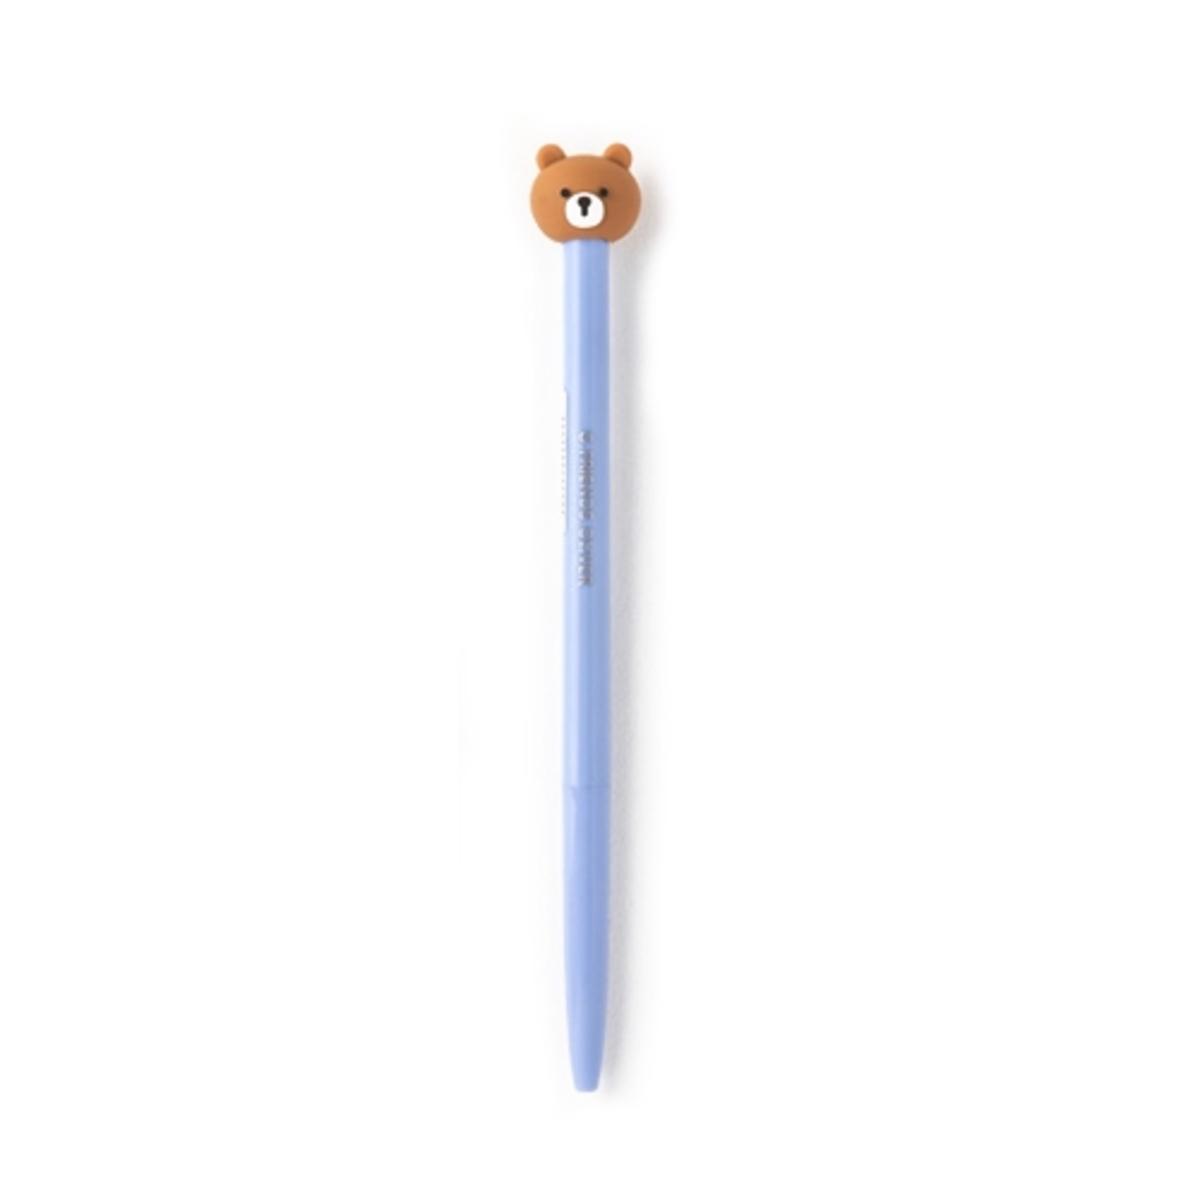 鉛芯筆 - 天藍色   韓國直送